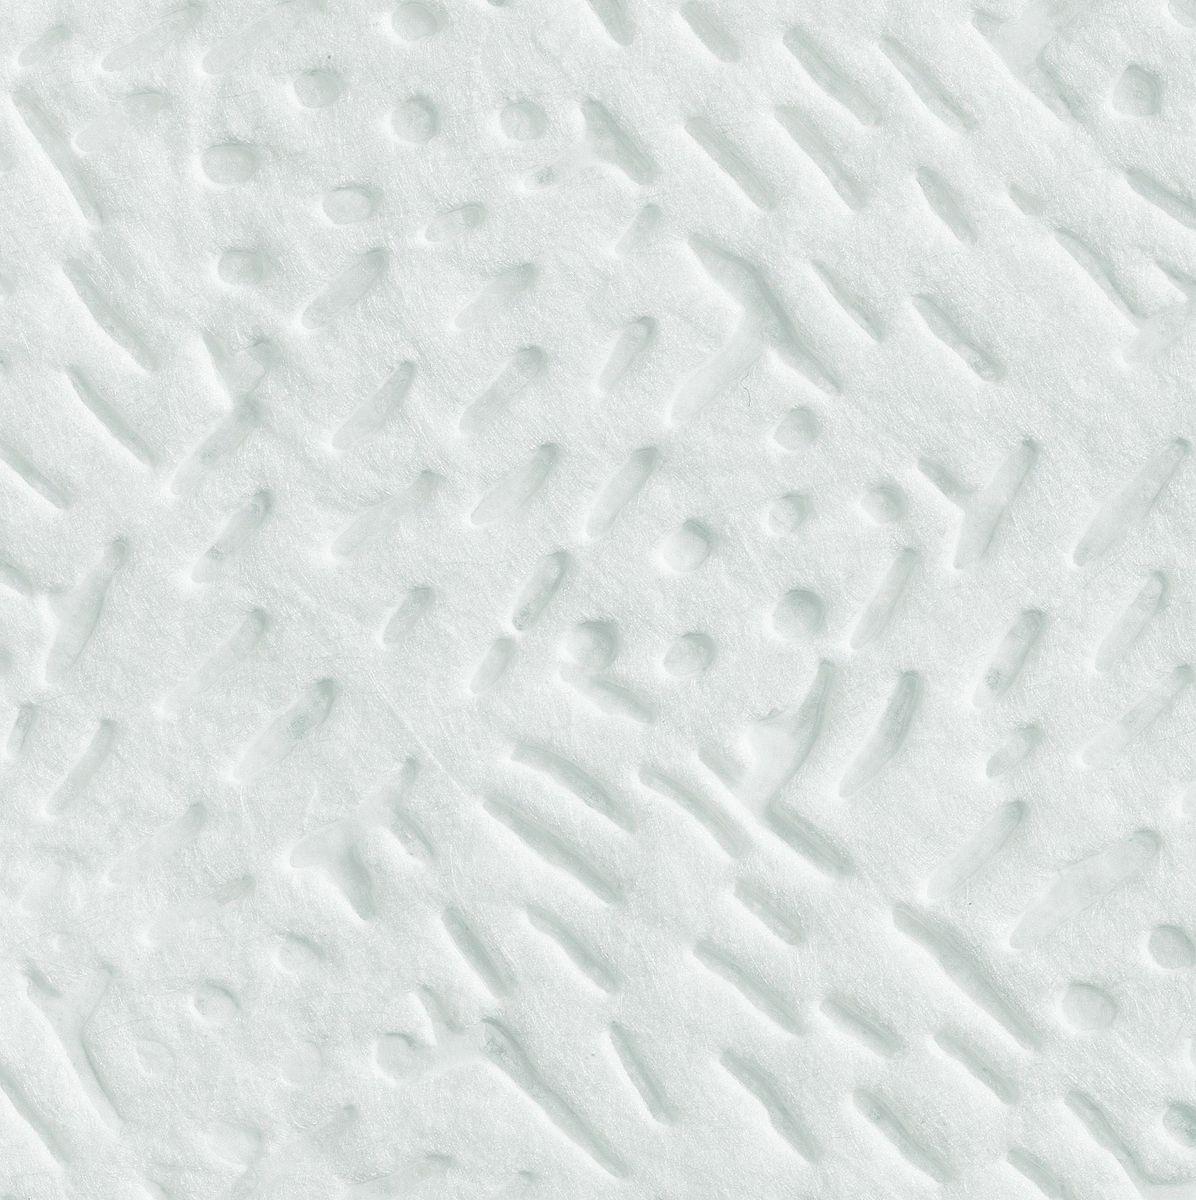 Салфетка протирочная Kimtech Pure, 4 сложения, 35 листов, 12 упаковок. 76247624Идеальное решение для сухой очистки оборудования высокой степени важности и поверхностей в фармацевтической промышленности, в высокотехнологичных биотехнологических отраслях, при производстве медицинского оборудования, очистки на участках пищевой промышленности. Формат поставки: белые однослойные салфетки, большой рулон с перфорацией для зон с высокой проходимостью. Может использоваться с переносными или стационарными диспенсерами для контроля расхода продукта и уменьшения объема отходов. Ассортимент высокоэффективных протирочных средств для использования в чистых помещениях класса ISO 4 и выше.